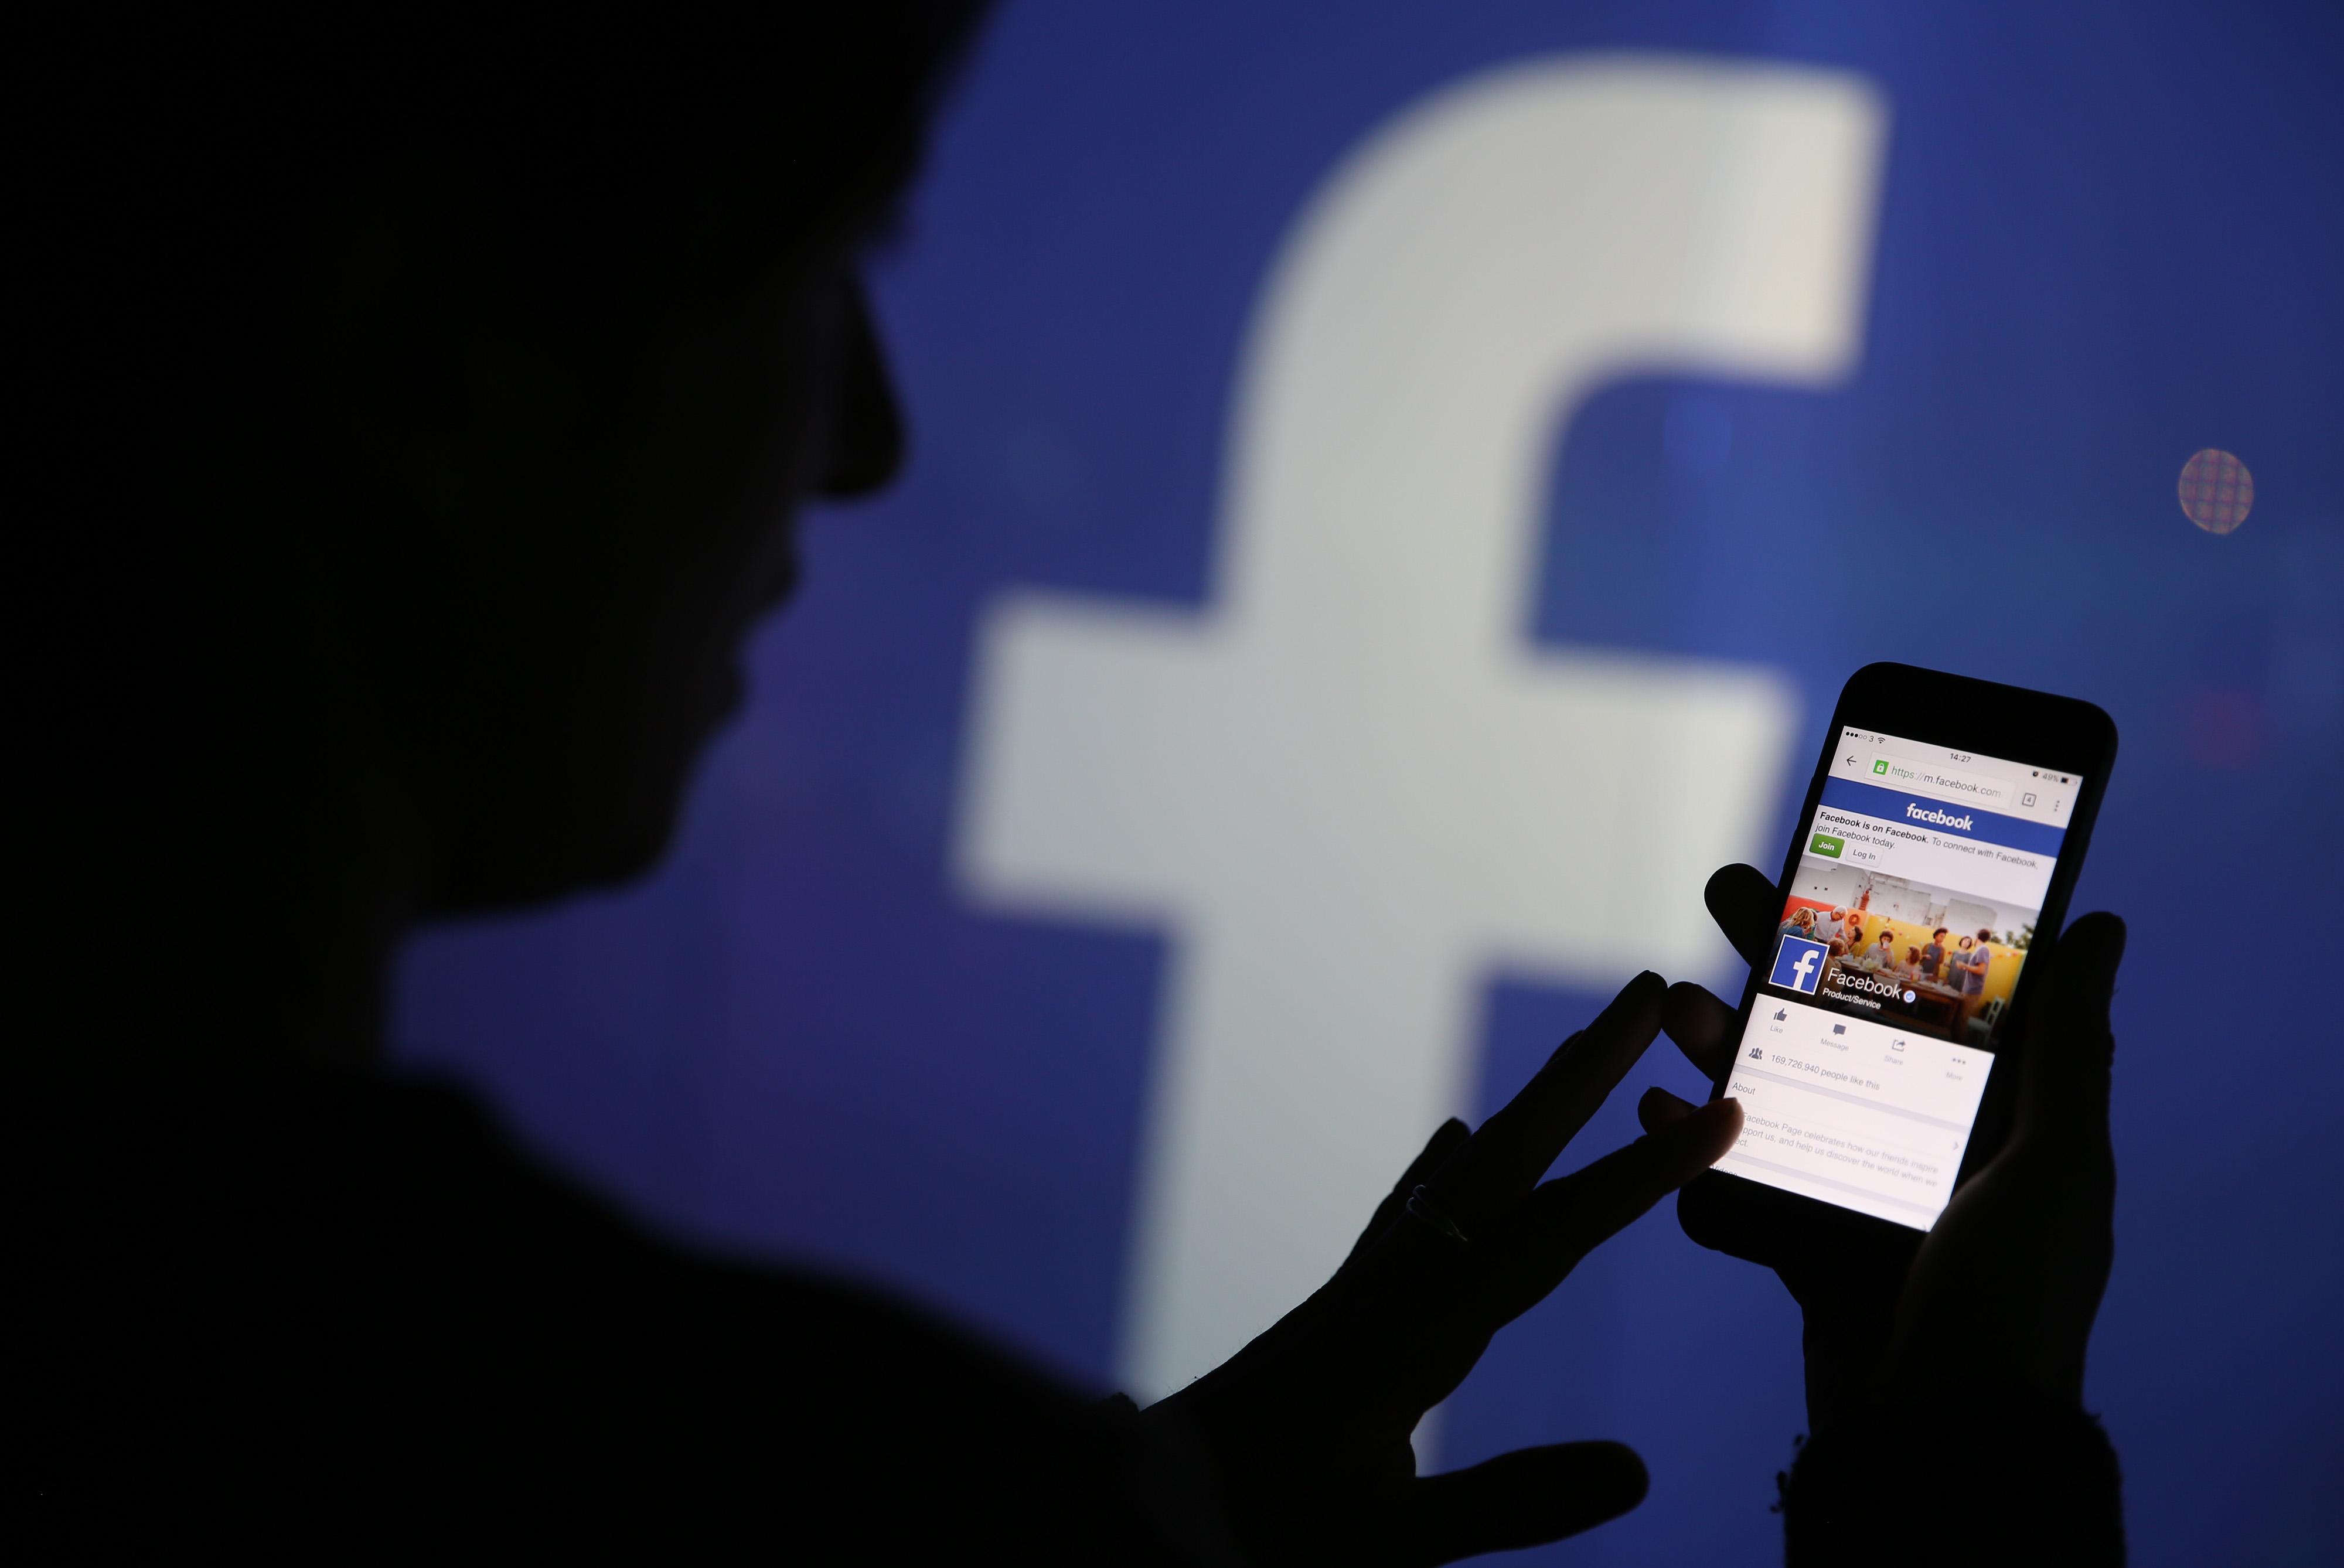 Facebook non va: in tutto il mondo segnalati problemi ad accedere